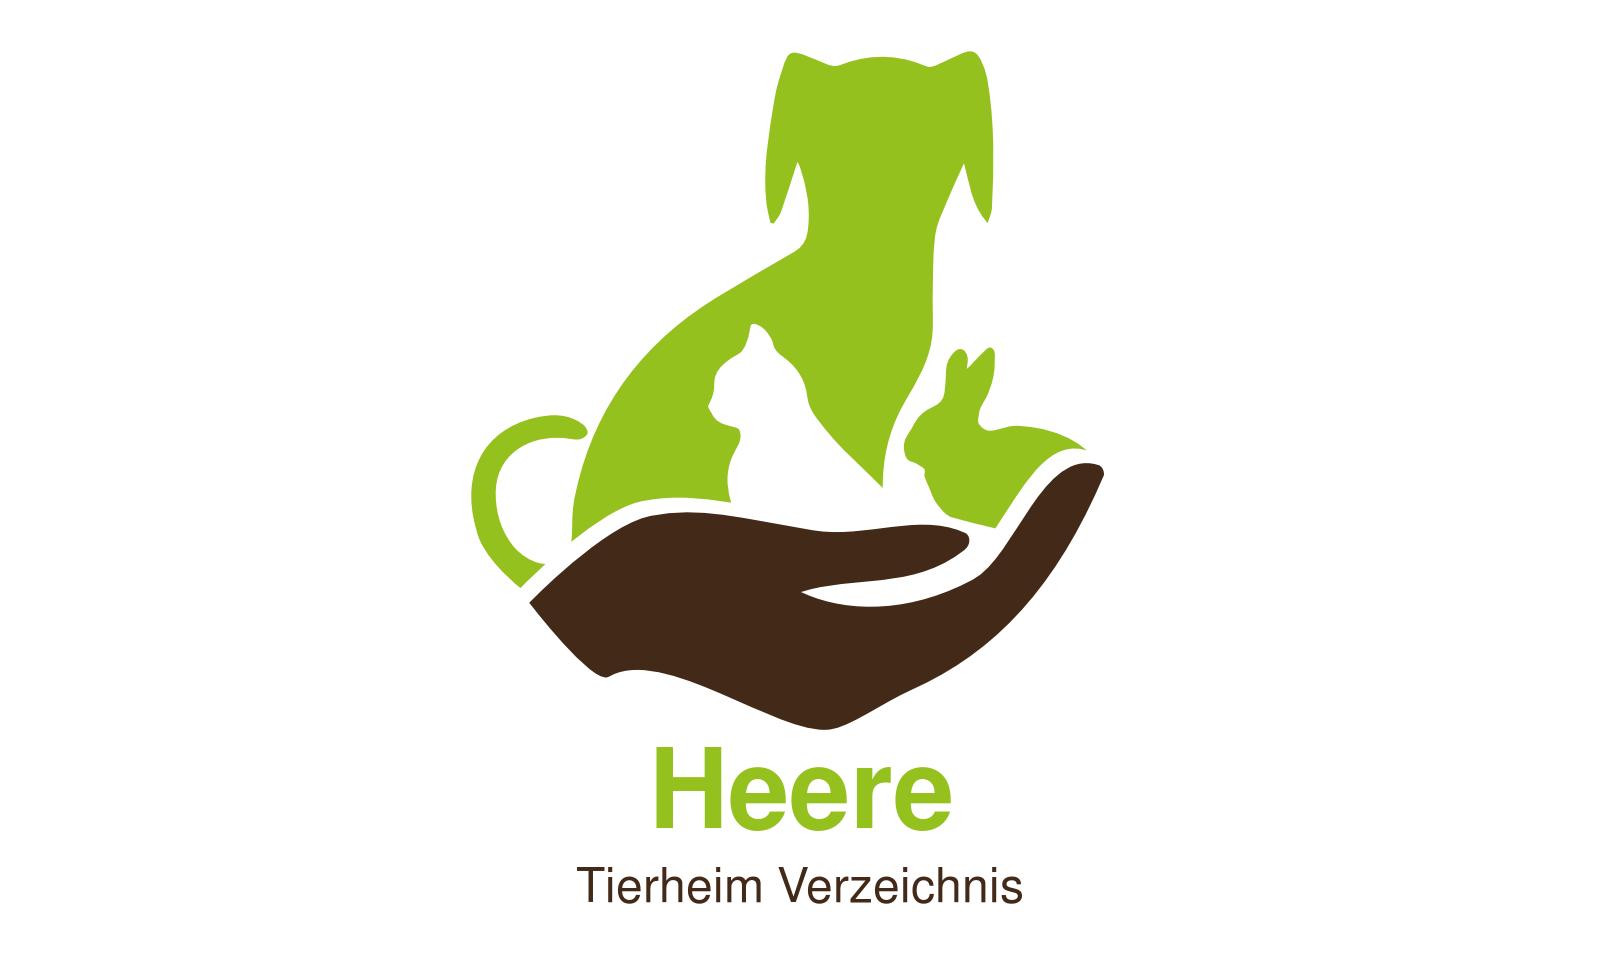 Tierheim Heere